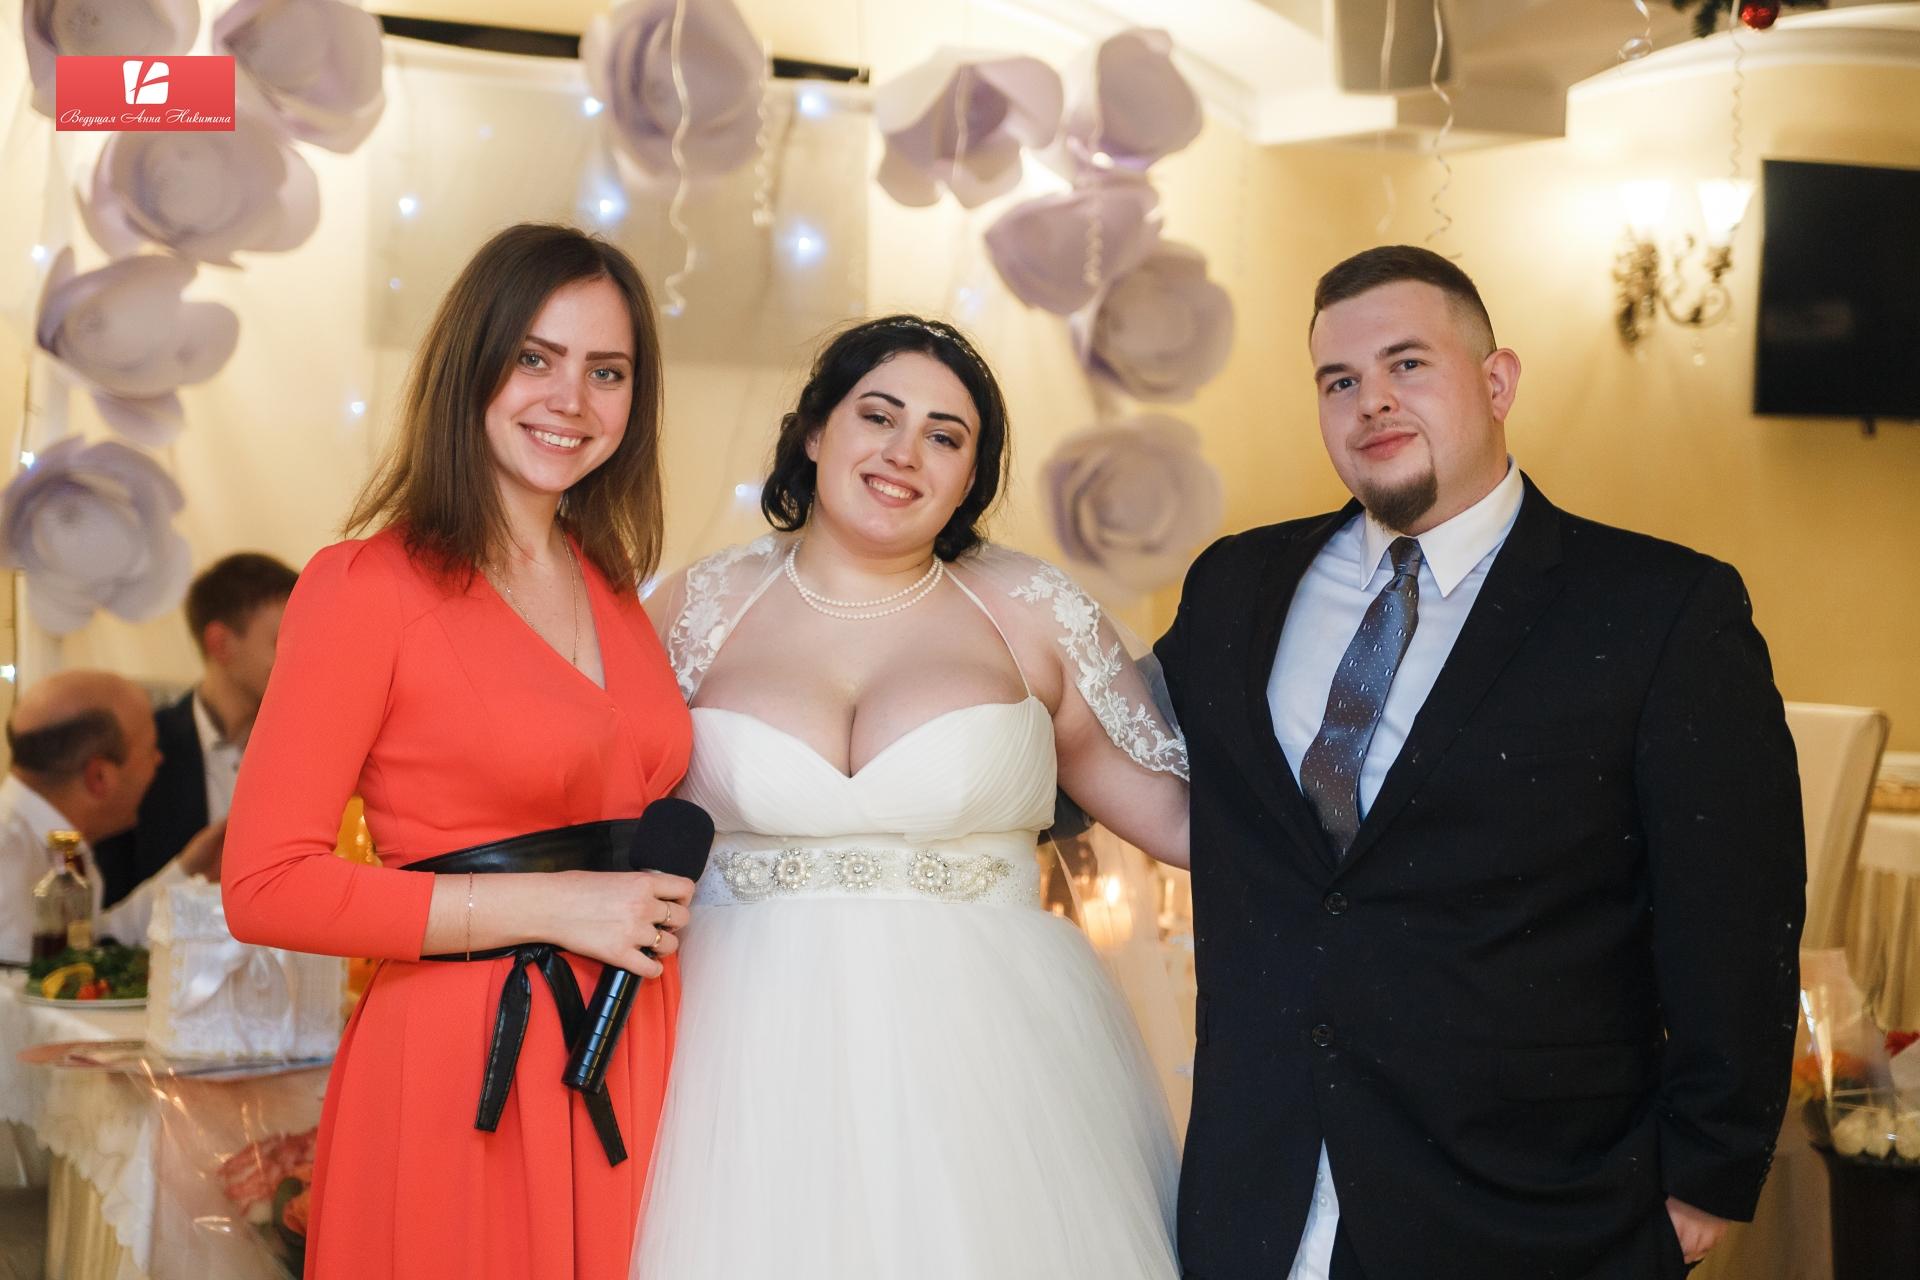 086  Свадьба Наташа и Вильям 3 02 17